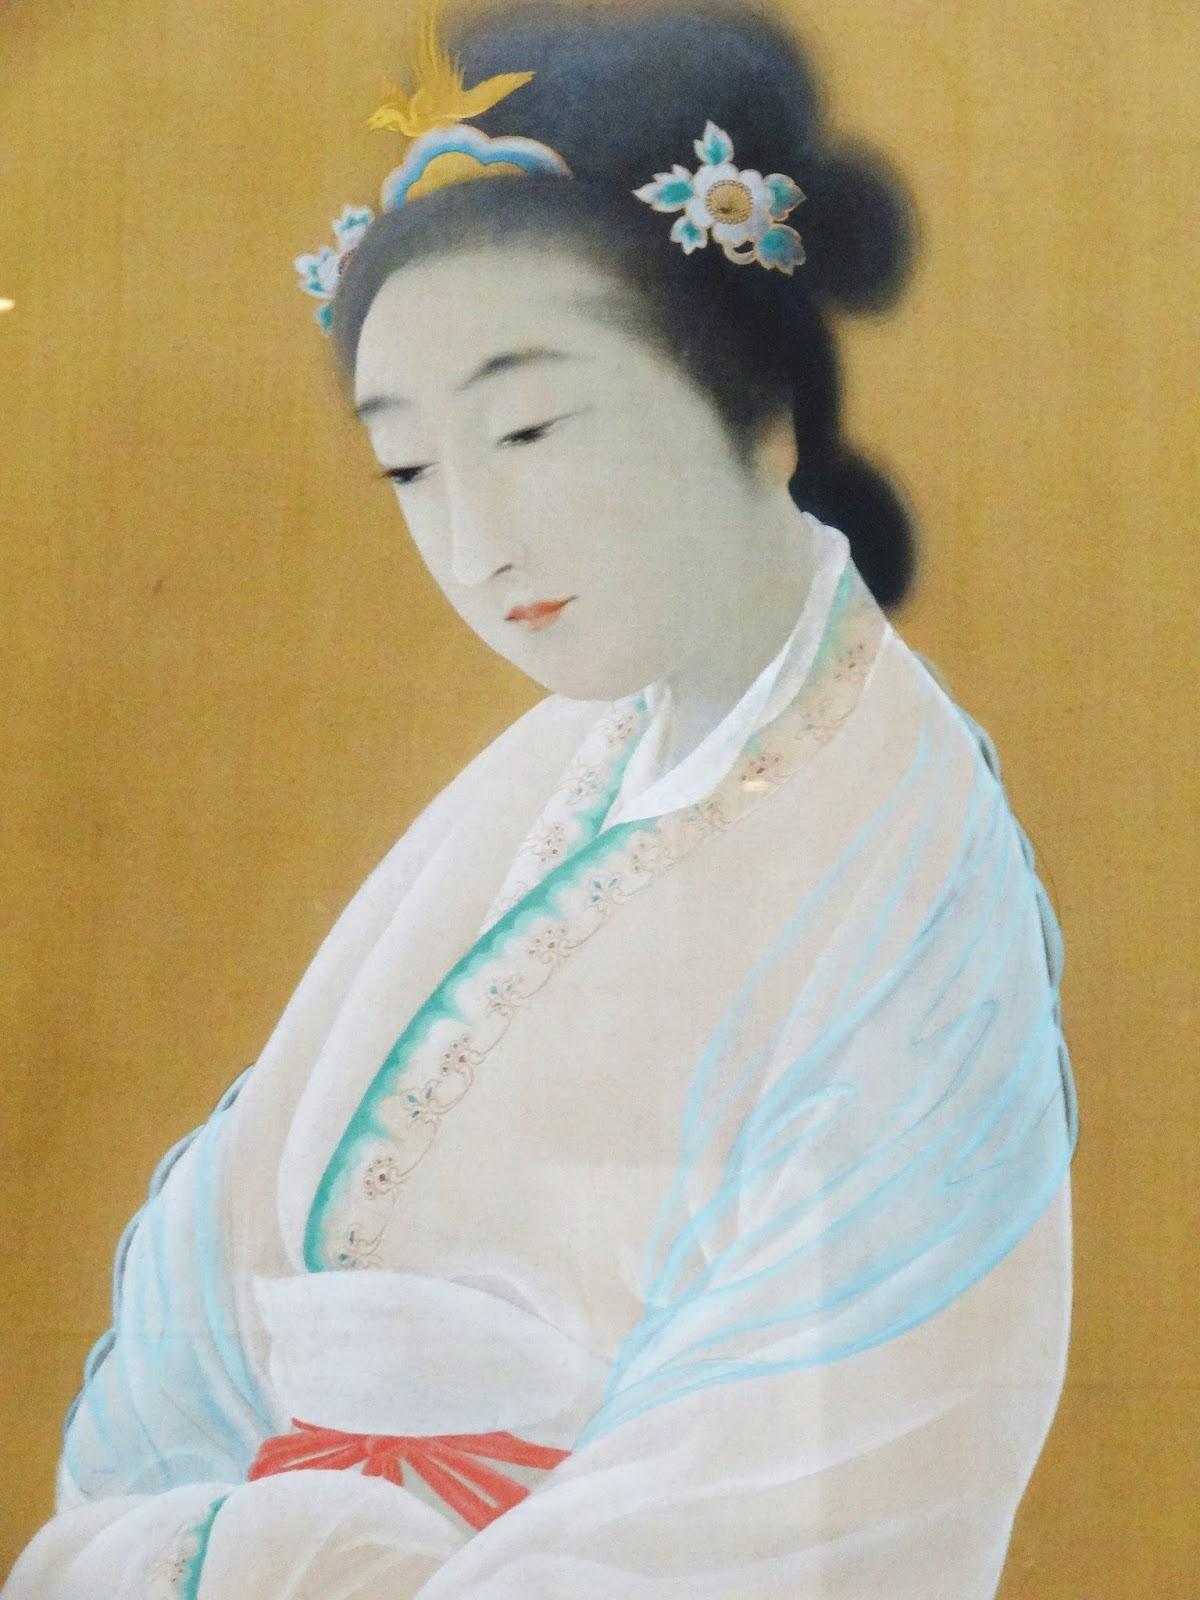 菱田春草《王昭君》部分、1902年、絹本彩色 肖像画工に賄賂を贈らず、清廉を貫いたために匈奴に嫁